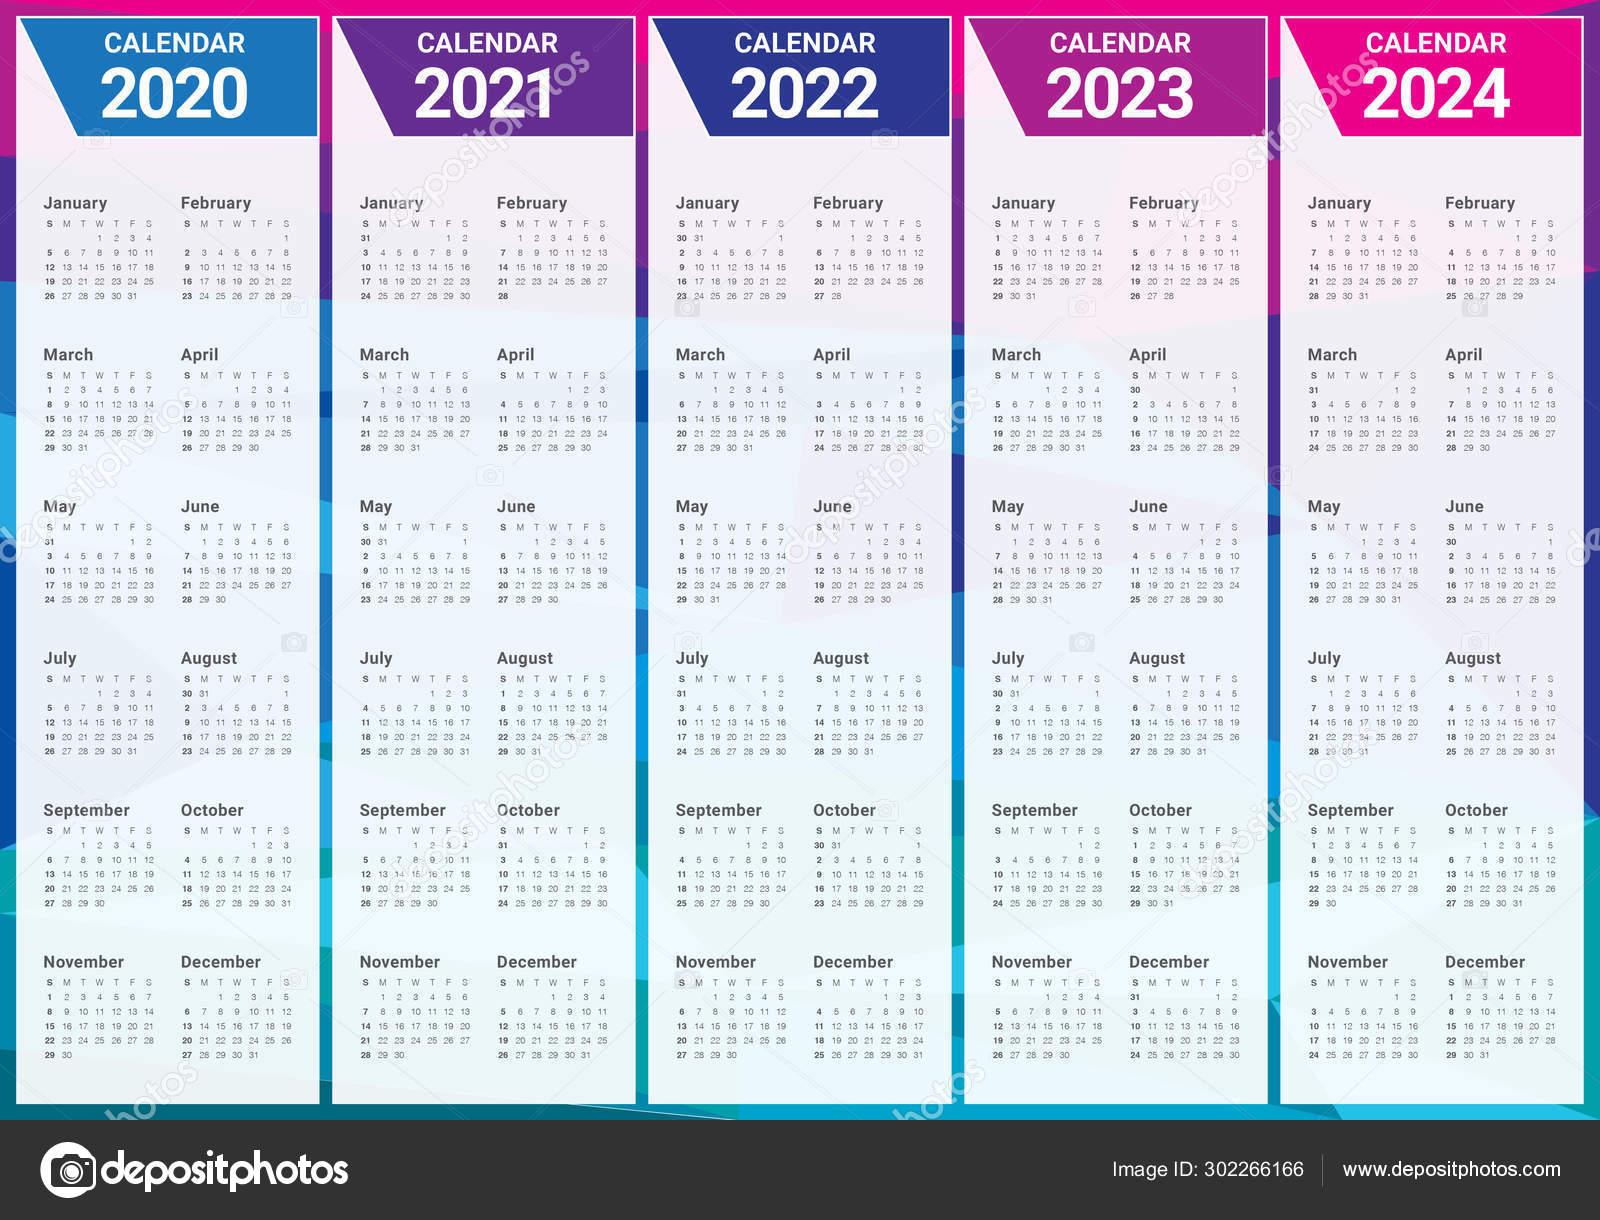 Uci 2022 2023 Calendar.1 529 Calendar 2023 Stock Photos Images Download Calendar 2023 Pictures On Depositphotos